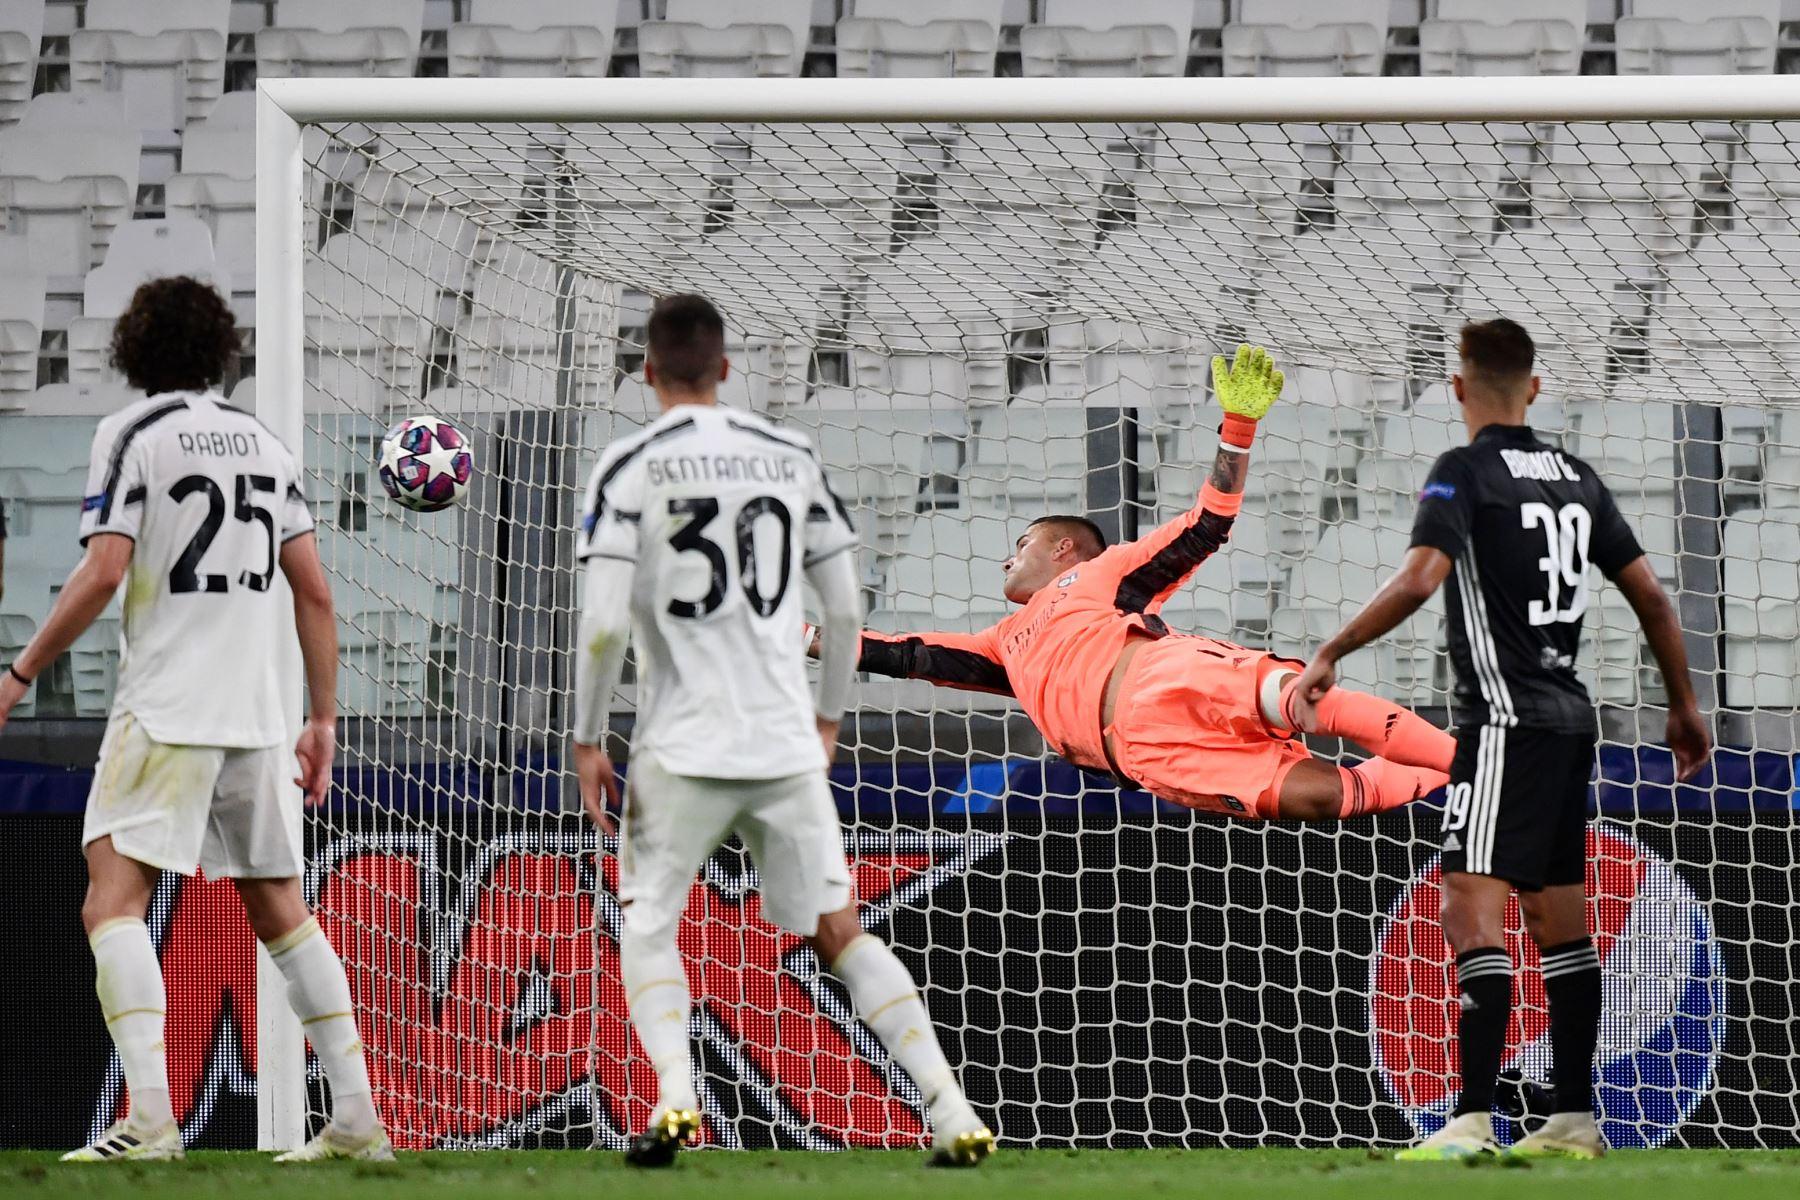 El portero portugués del Lyon, Anthony Lopes, hace una parada durante el partido de vuelta de los octavos de final de la UEFA Champions League entre la Juventus y el Lyon. Foto: AFP